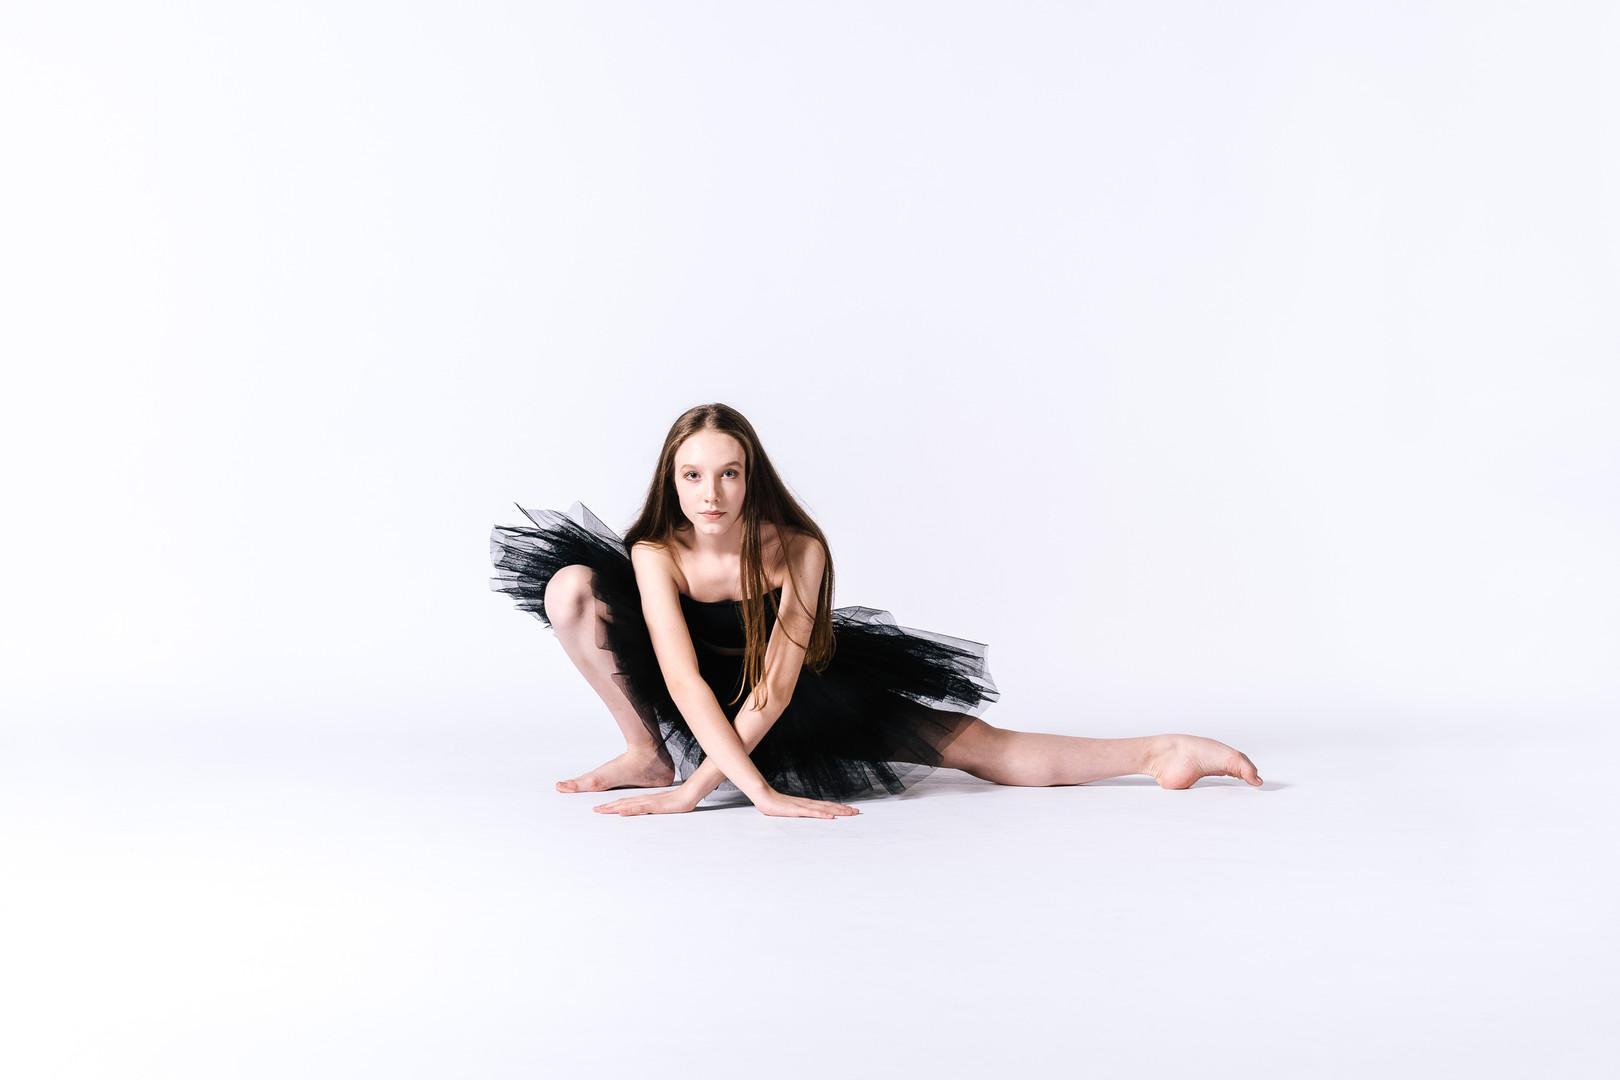 manchester-dance-photographer-15.jpg